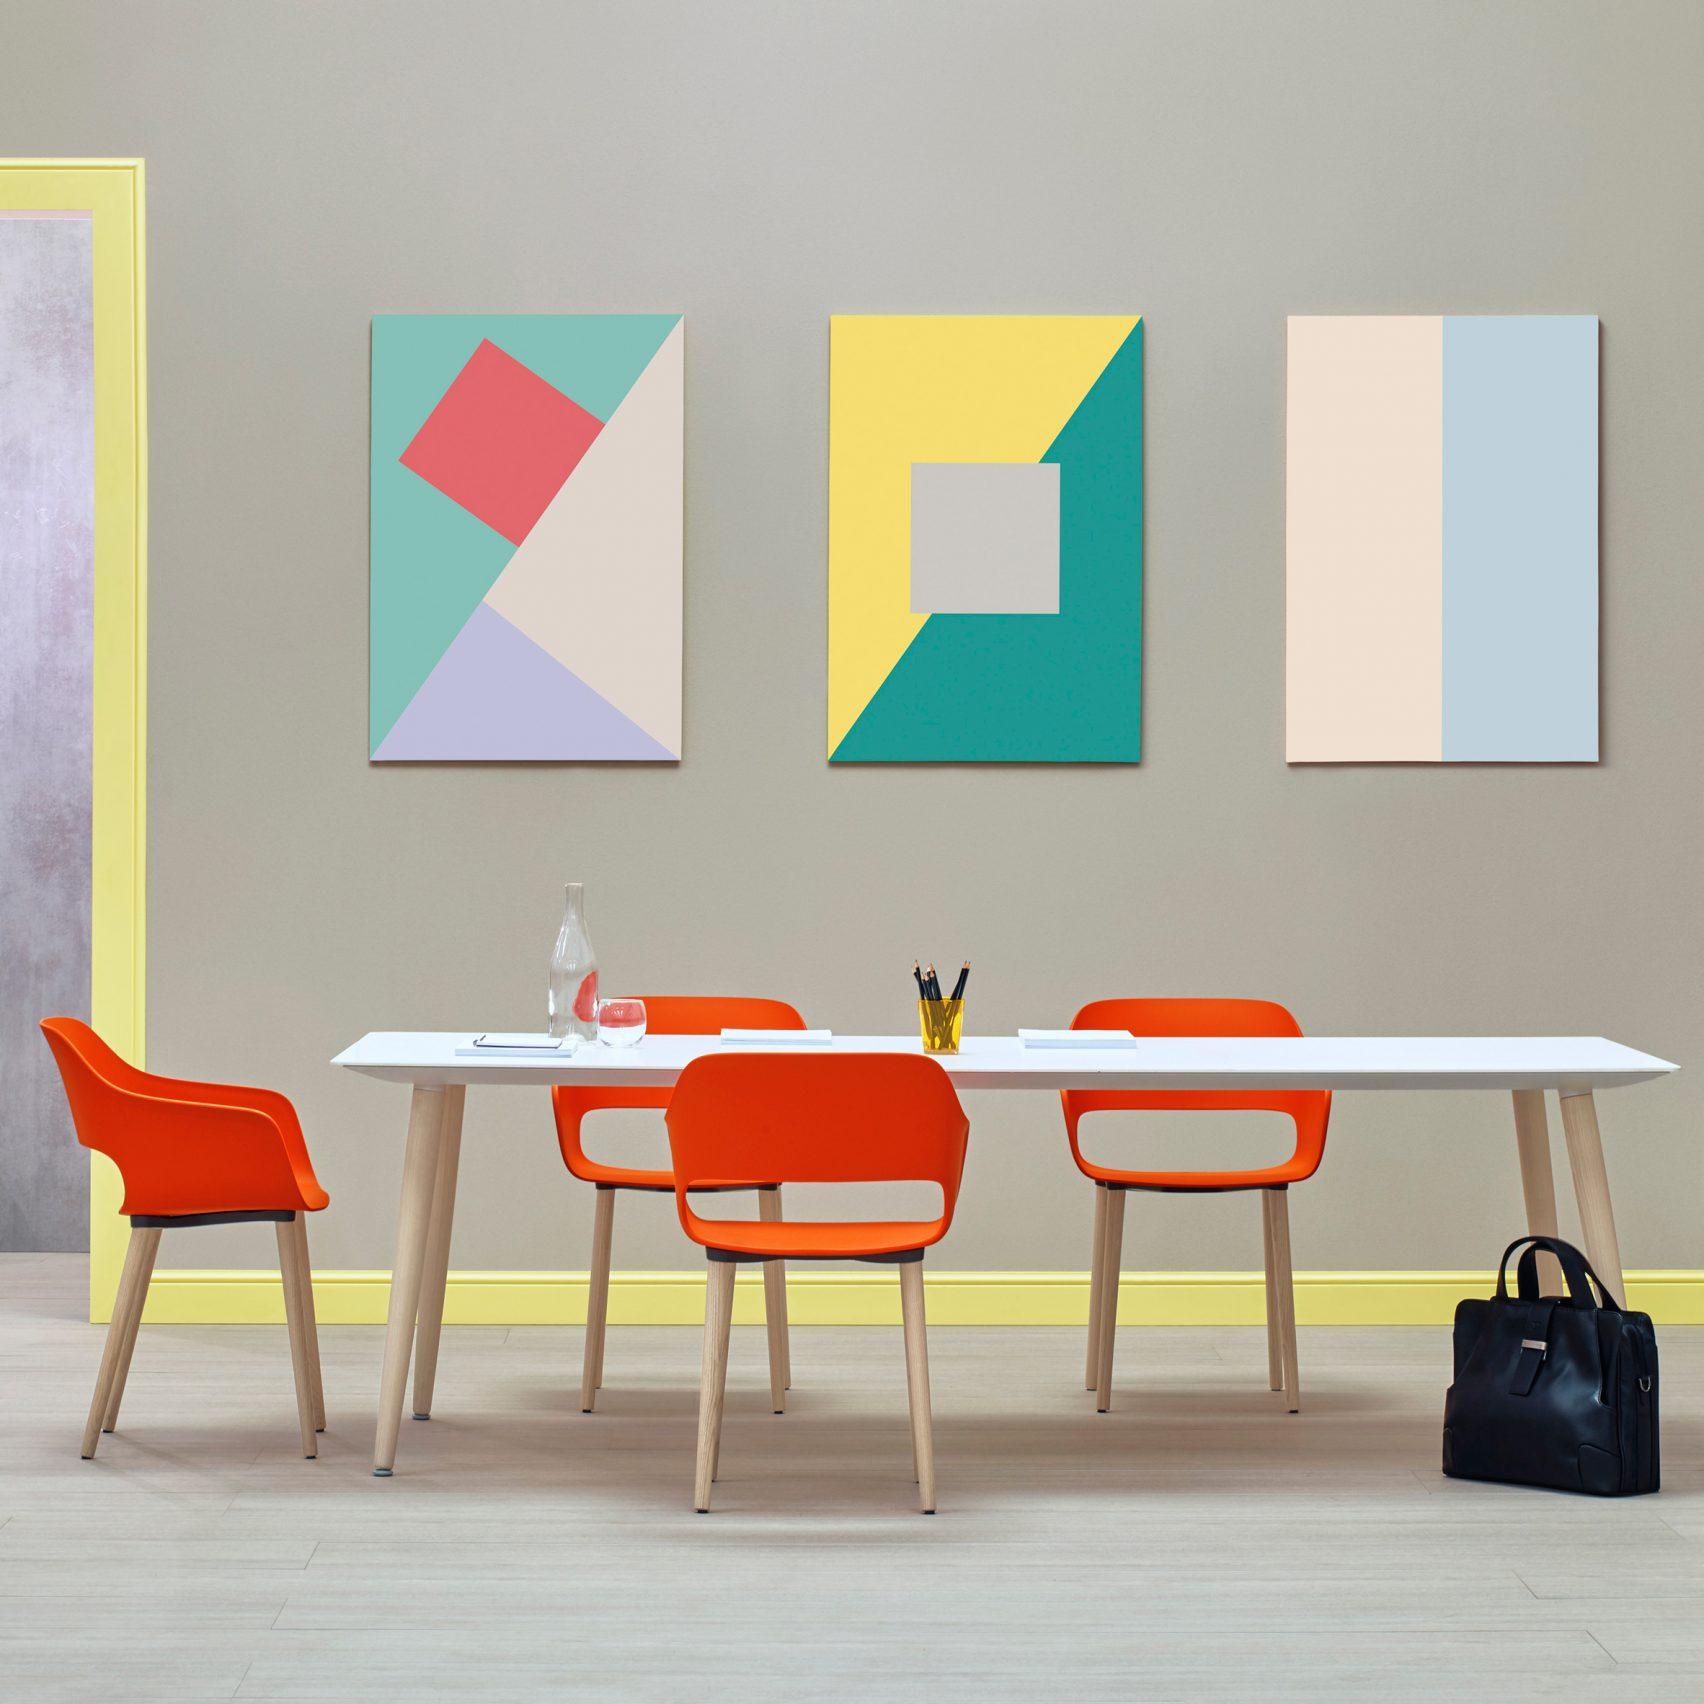 Pedrali office furniture at Orgatec 2016